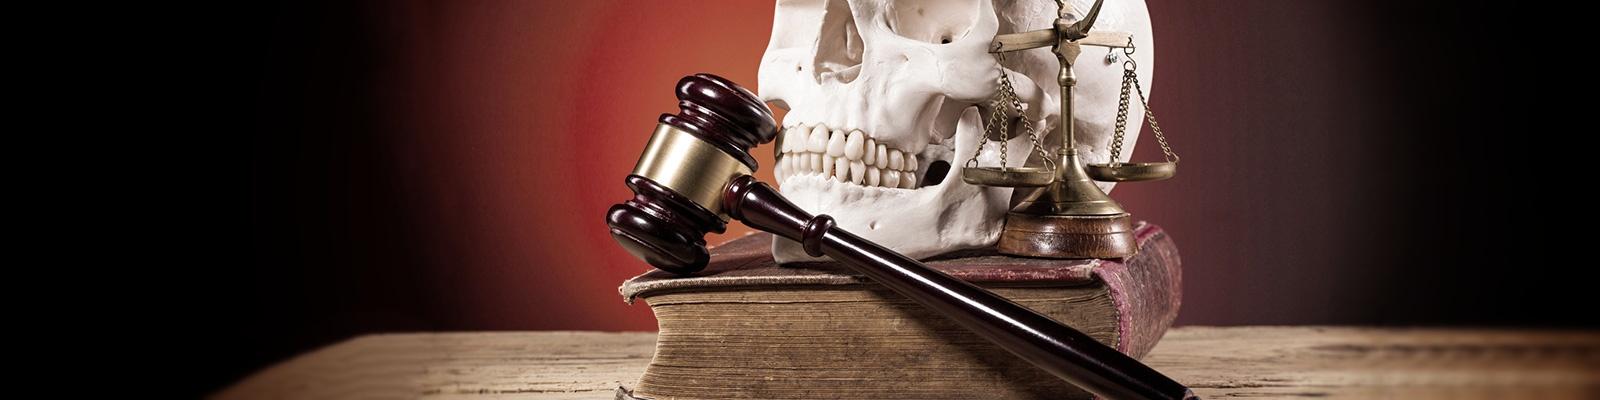 法律 脳 イメージ